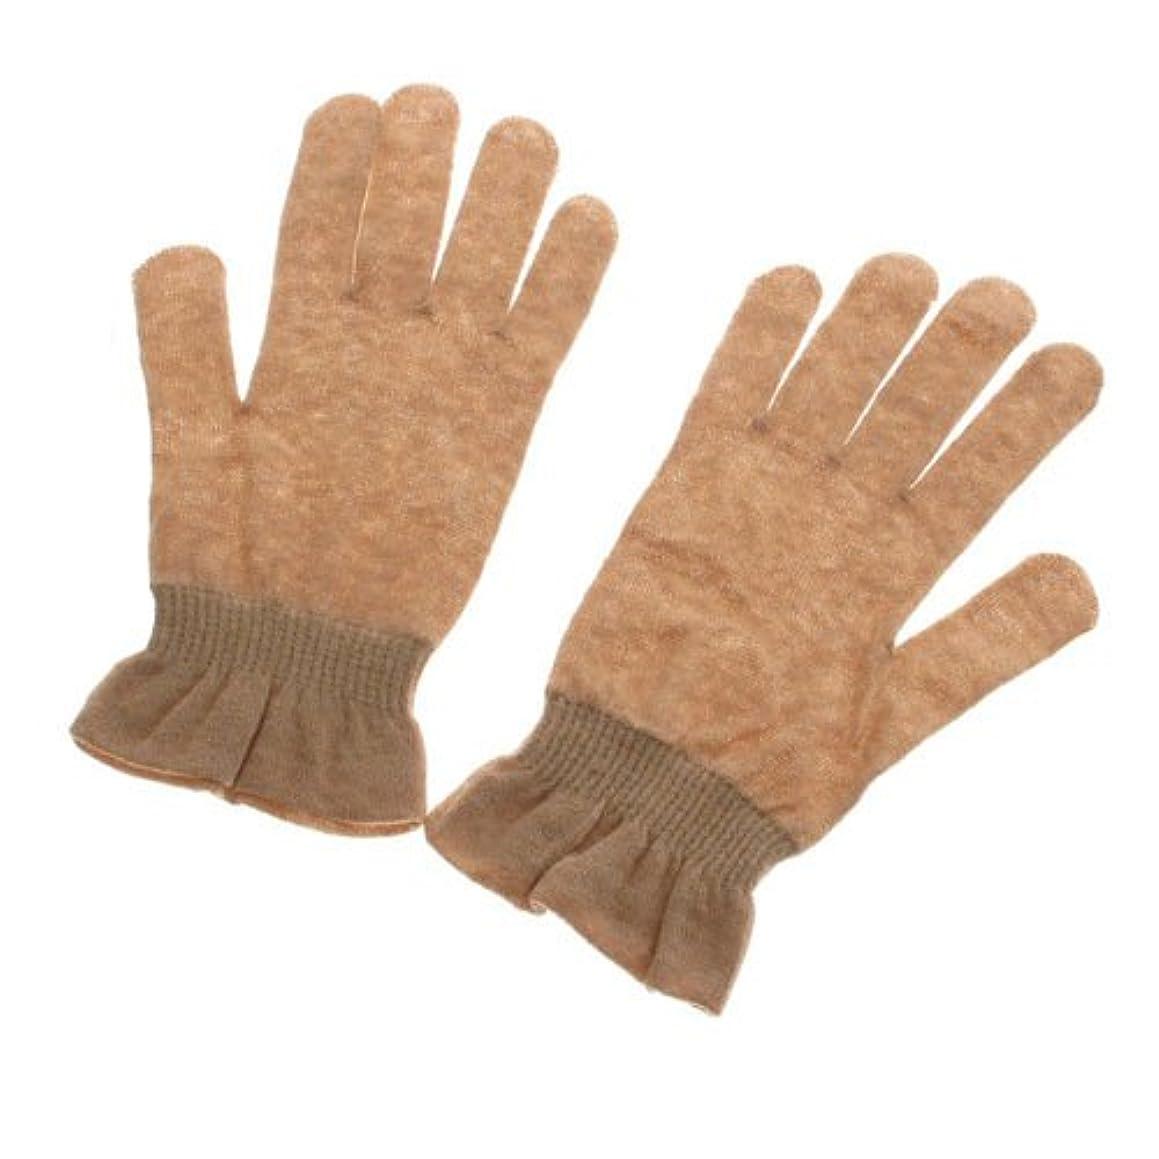 パン蒸発食品オーガニックコットン天衣無縫 UVカット手袋?エステ ブラウン フリー